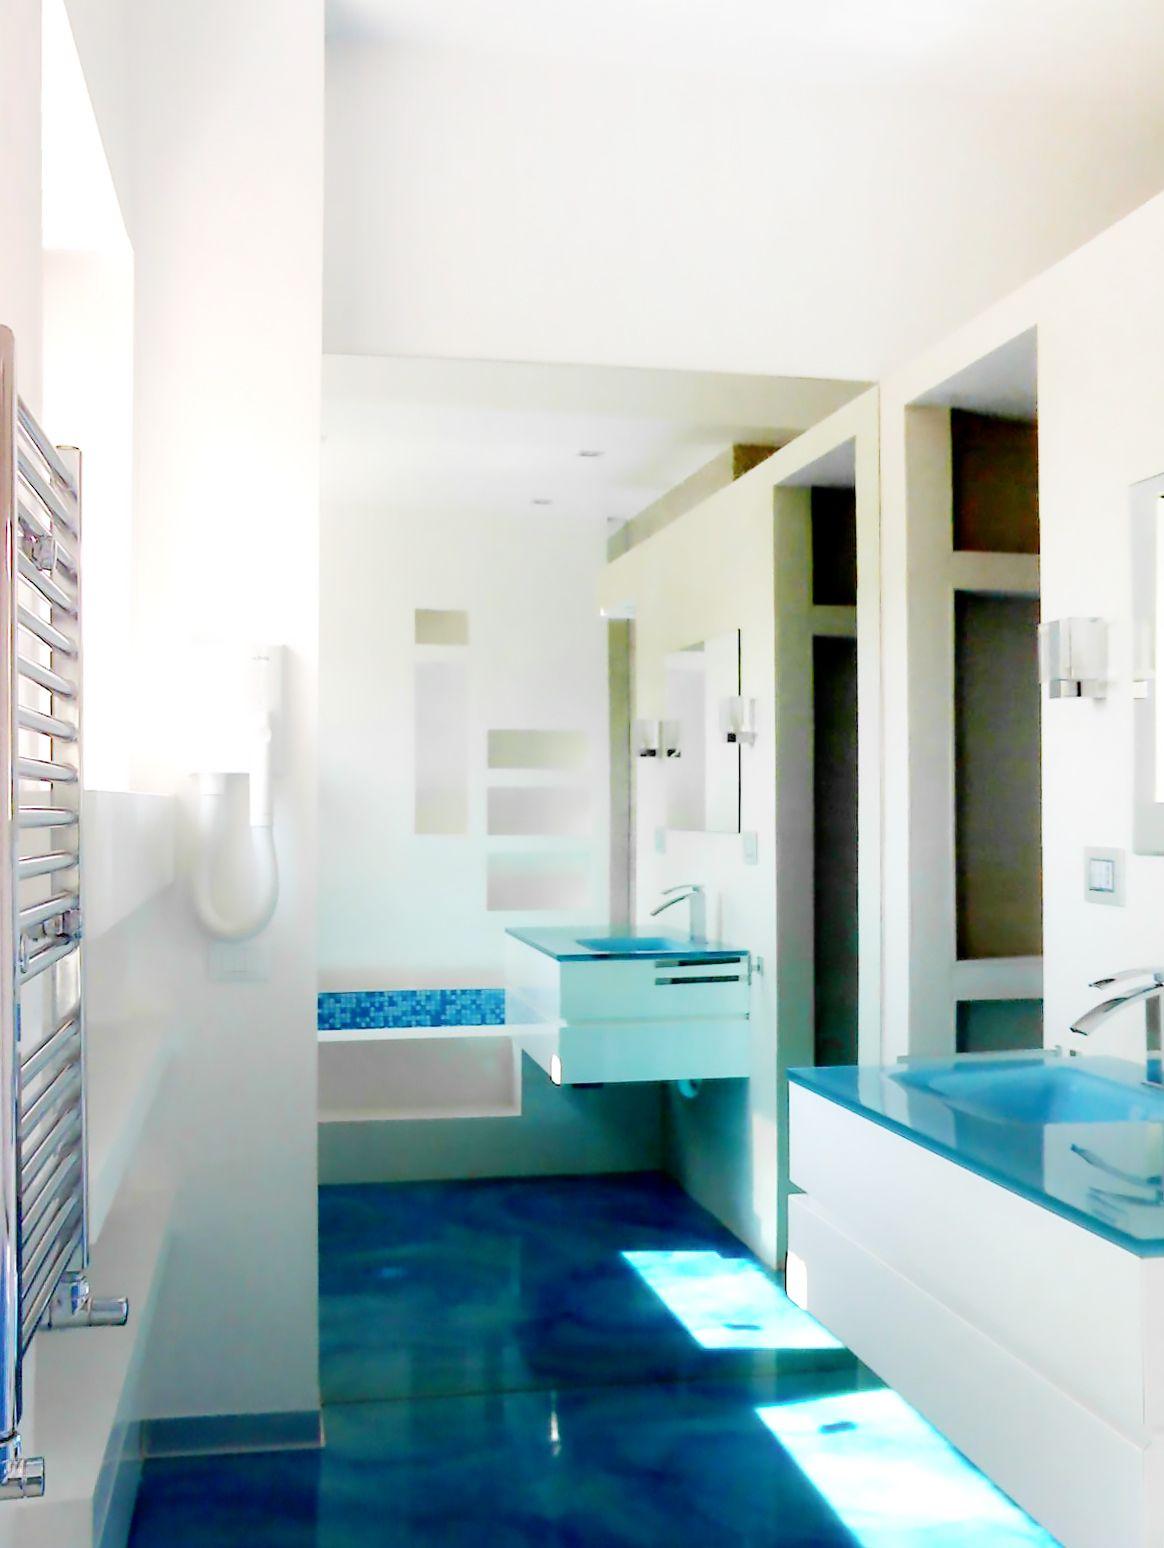 Vasca Da Bagno Azzurra.Stanza Da Bagno Realizzata Completamente Ristrutturazione Di